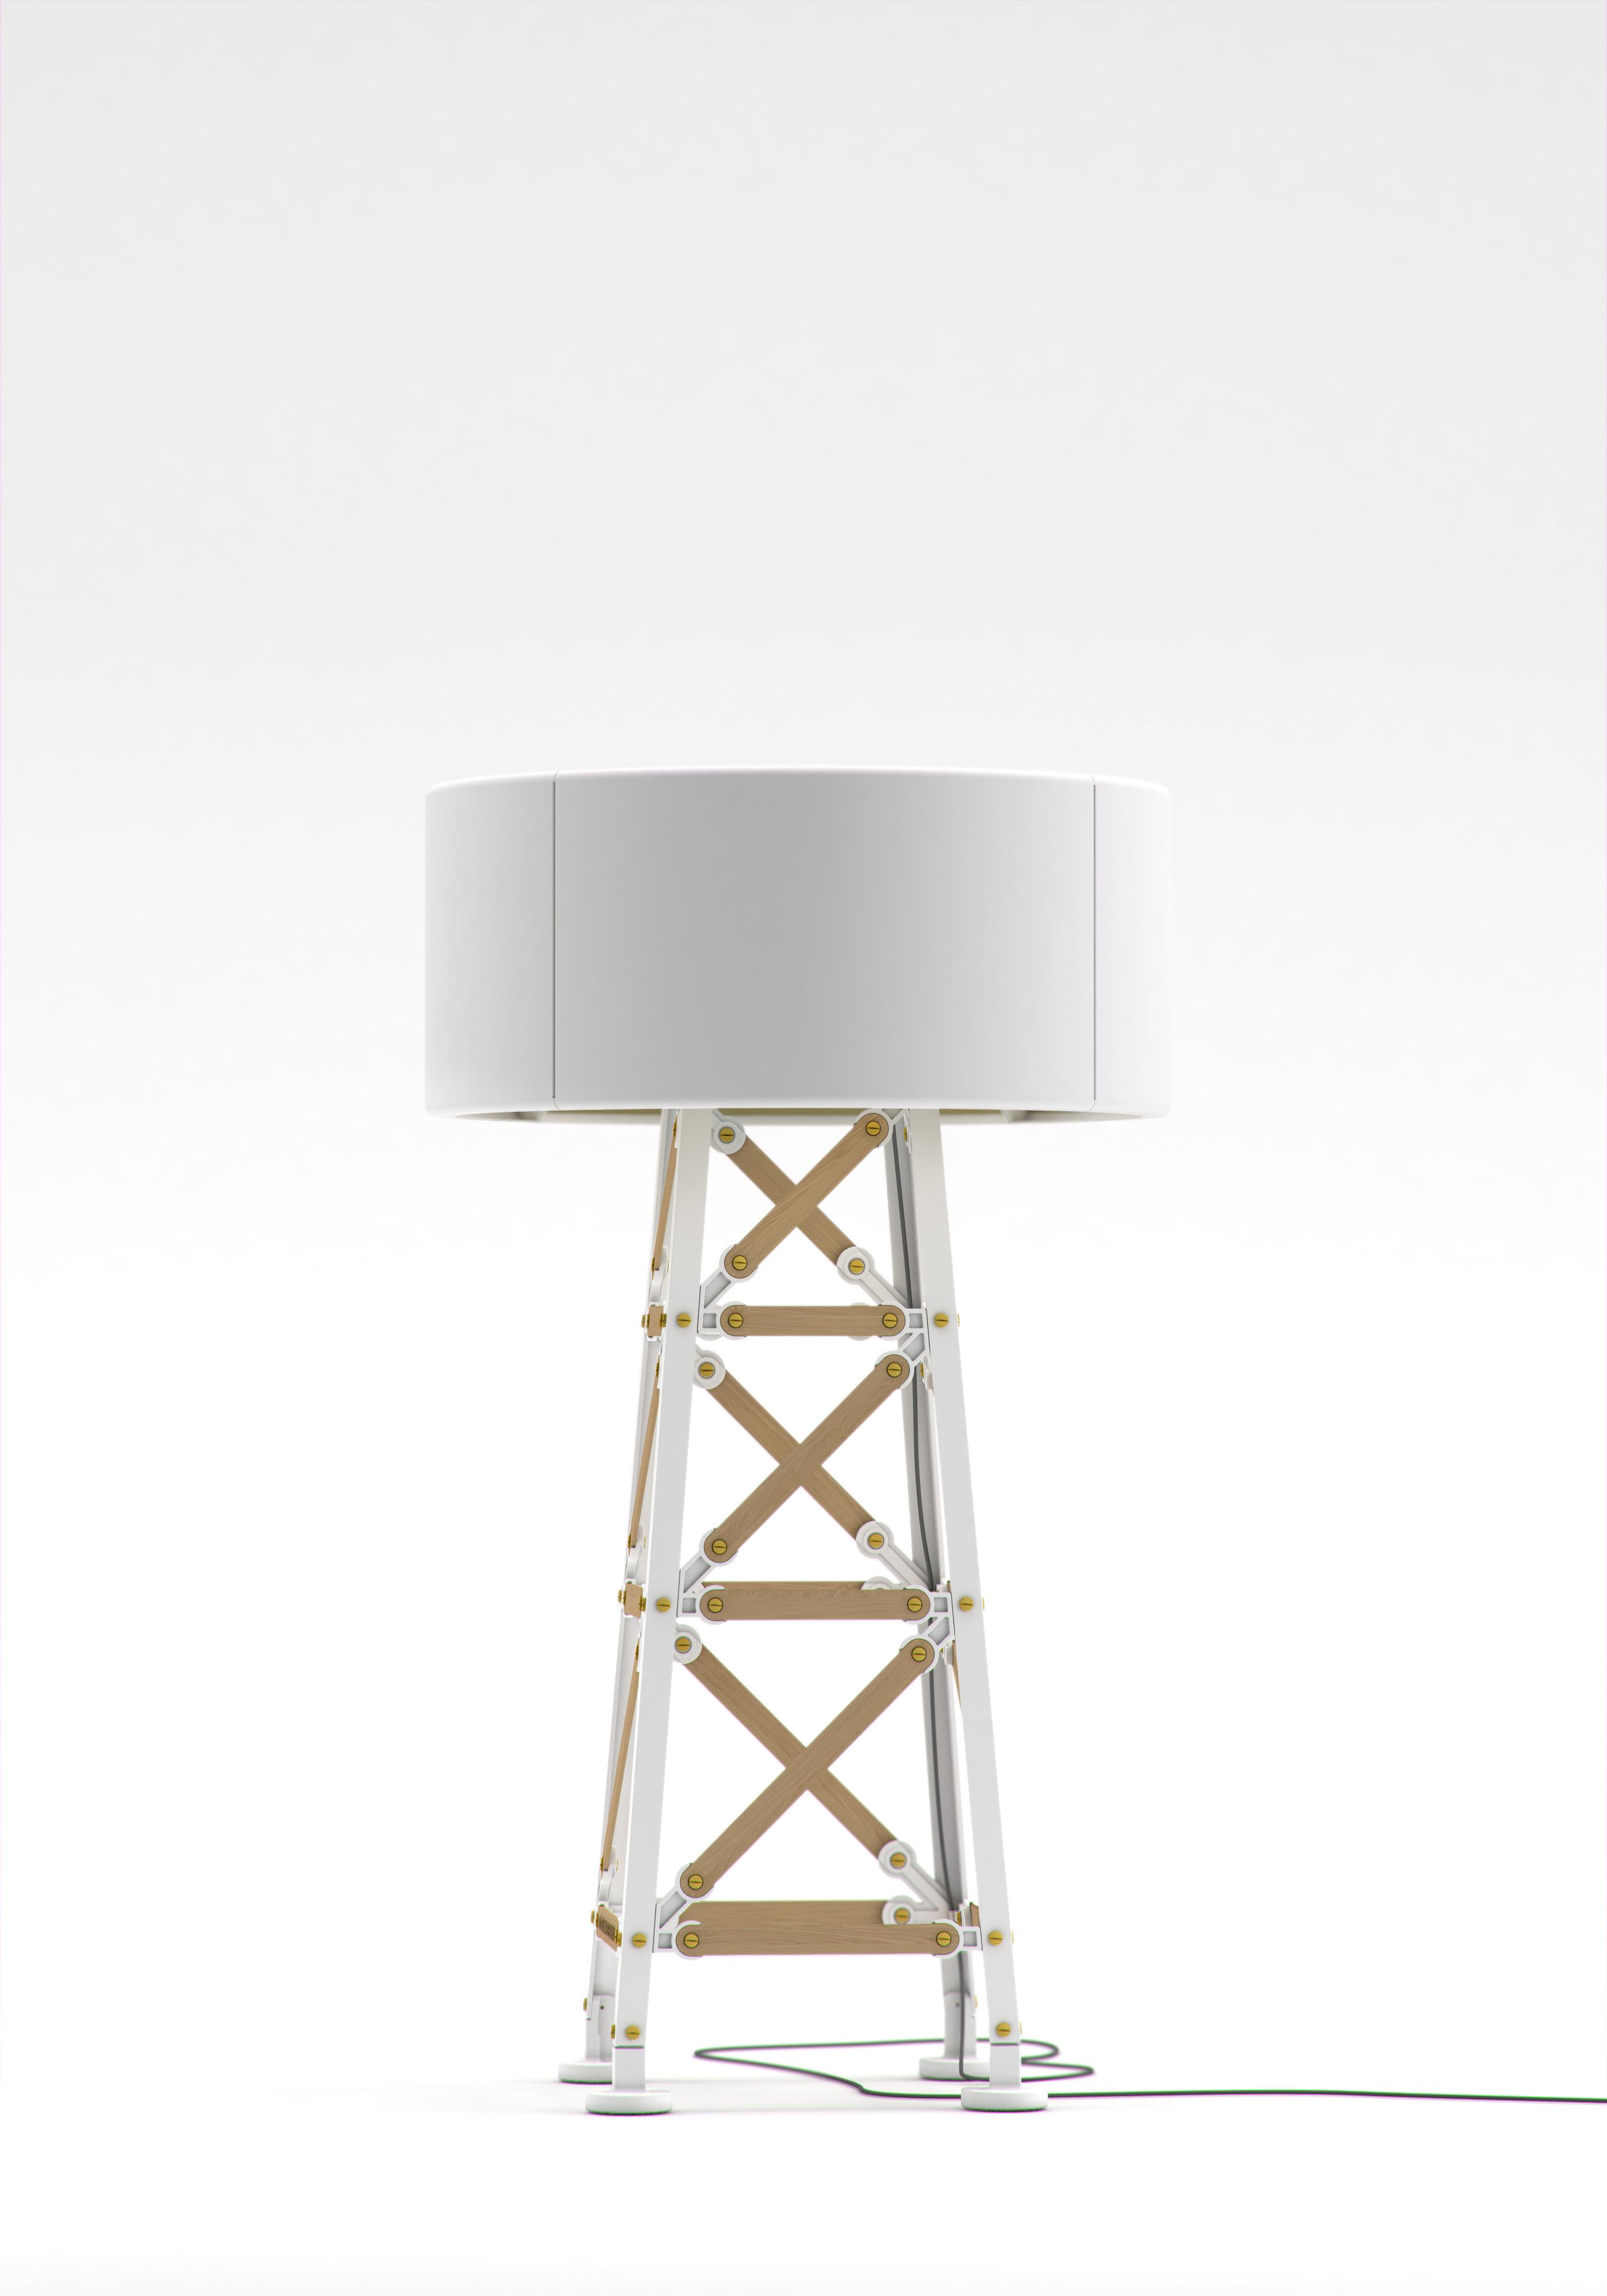 Construction Lamp wit hout  S 80 van Joost van Bleiswijk voor Moooi